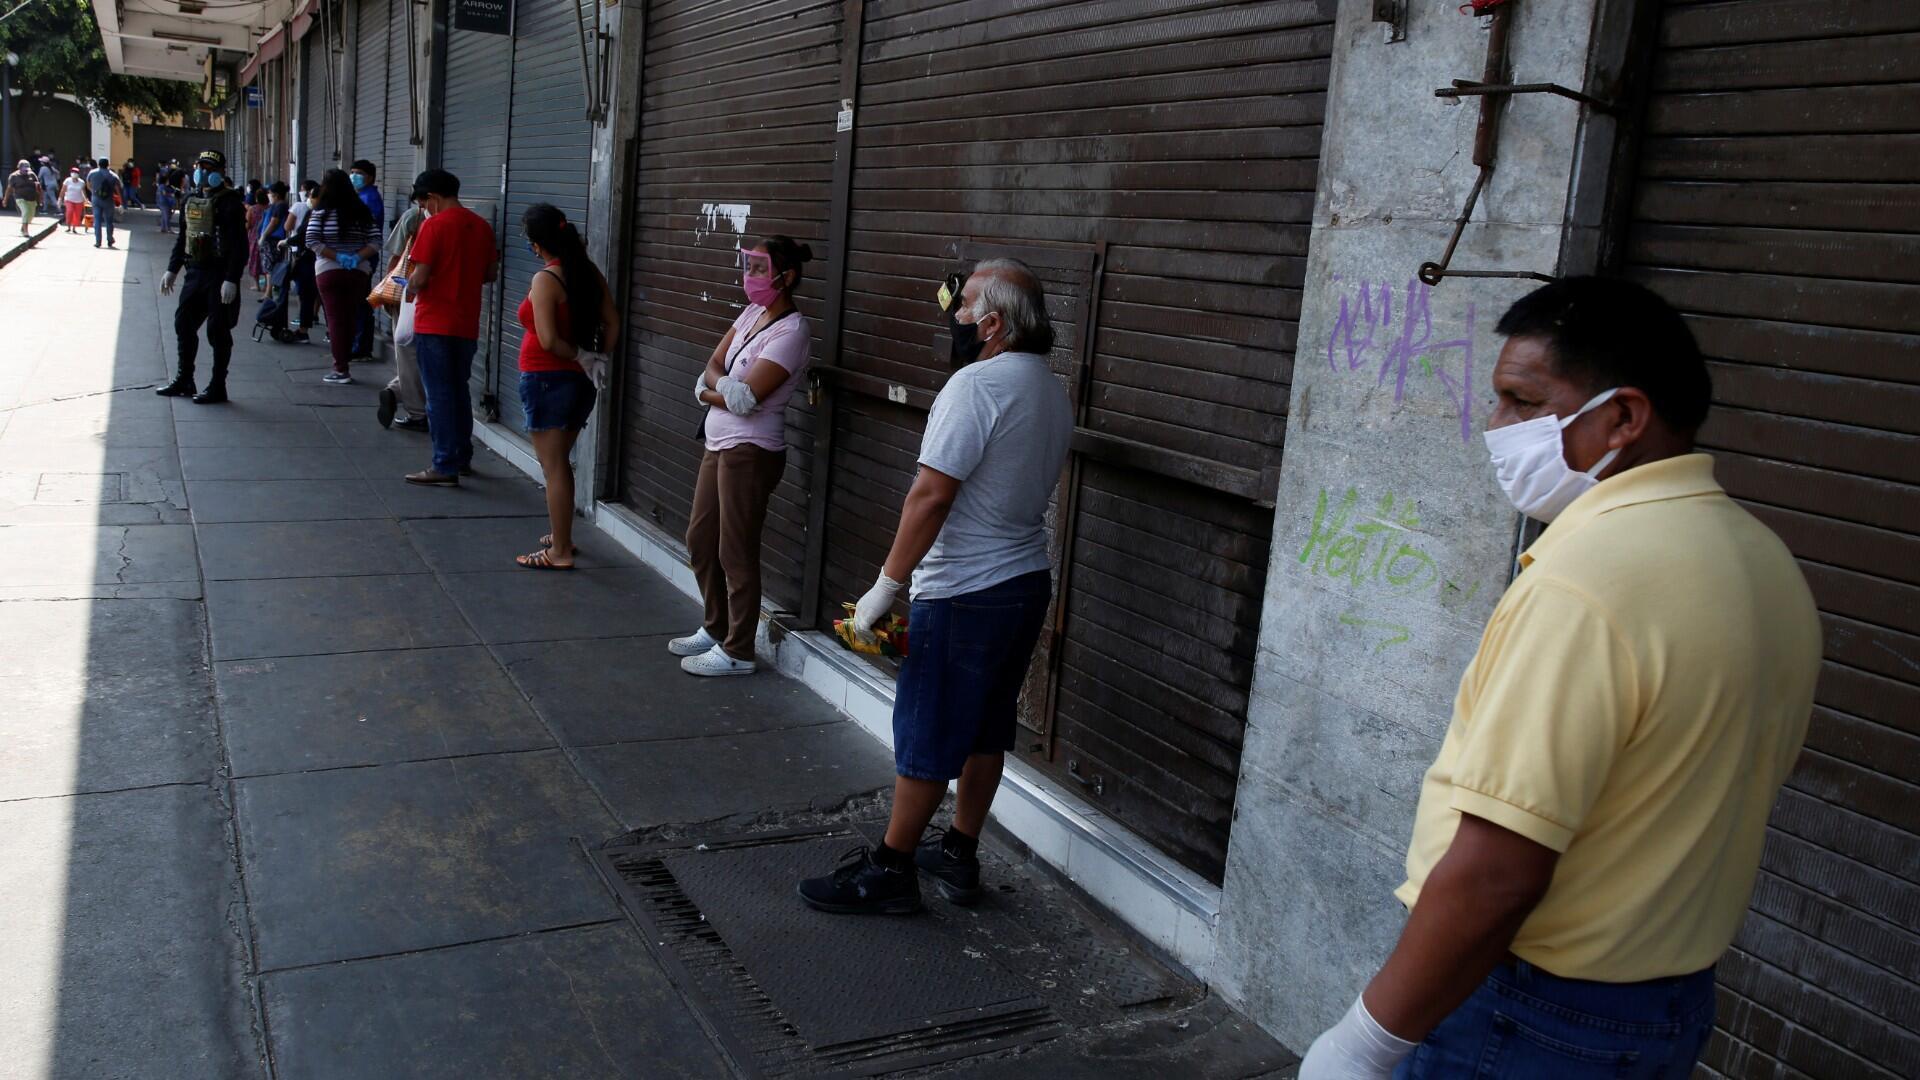 La gente espera a una distancia segura el uno del otro fuera del mercado central de Lima, ya que Perú extendió un bloqueo nacional en medio del brote de la enfermedad por coronavirus (COVID-19), en Lima, Perú, 8 de mayo de 2020.